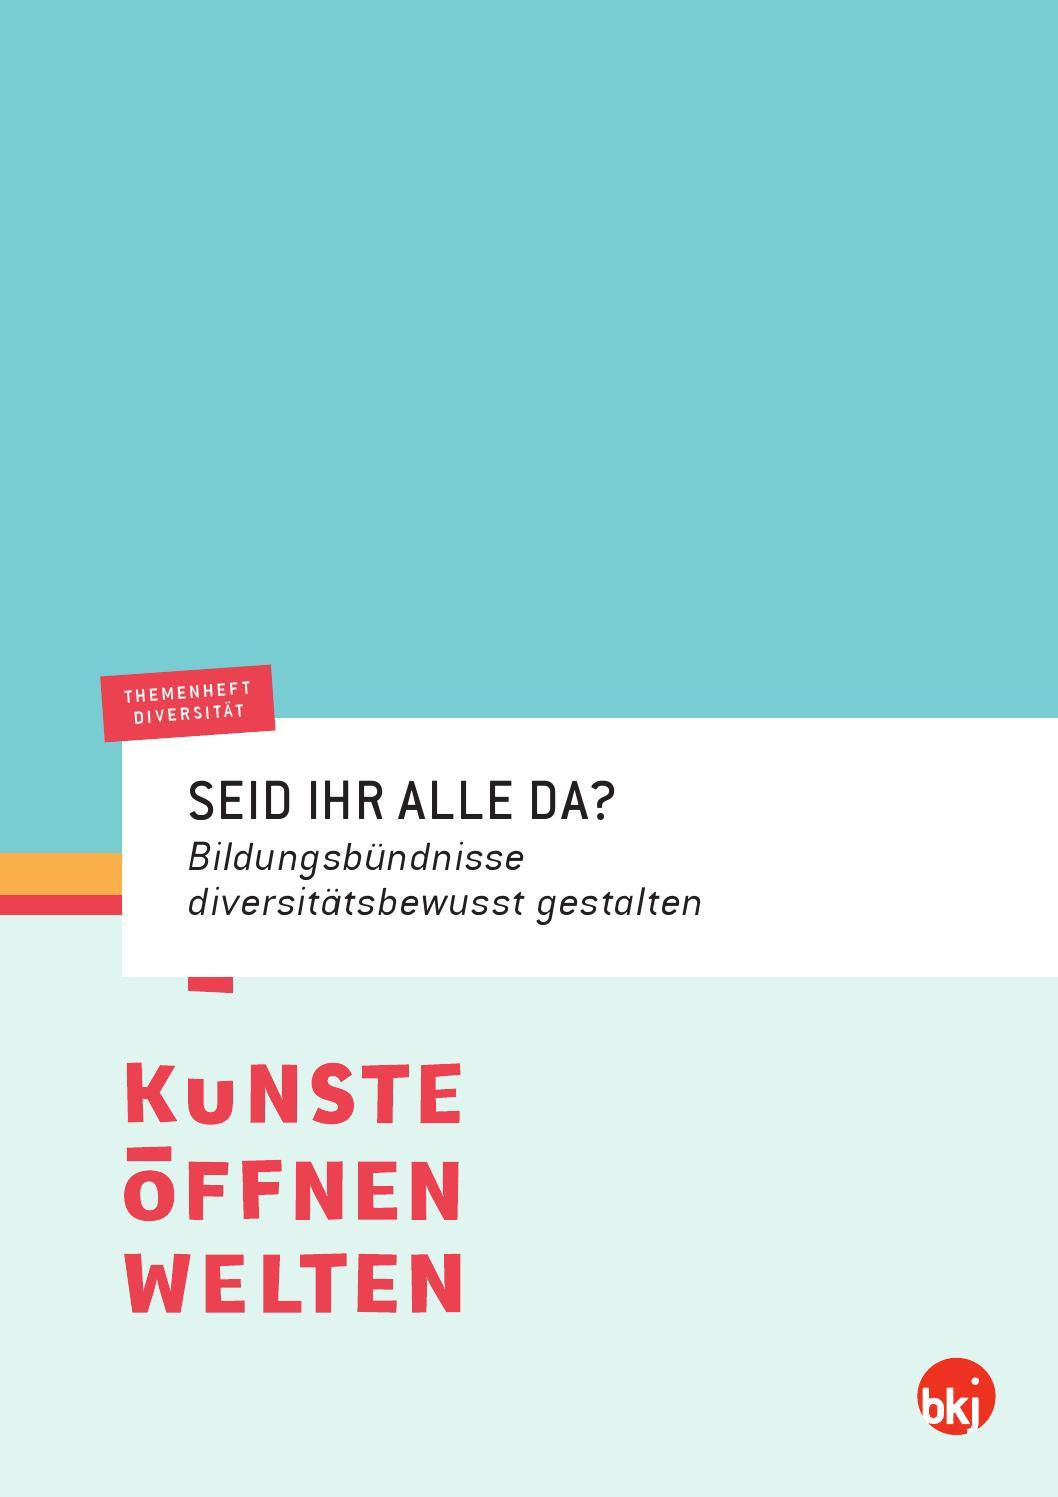 Themenheft Diversität. SEID IHR ALLE DA? BKJ 2014 by BKJ e. V. - issuu